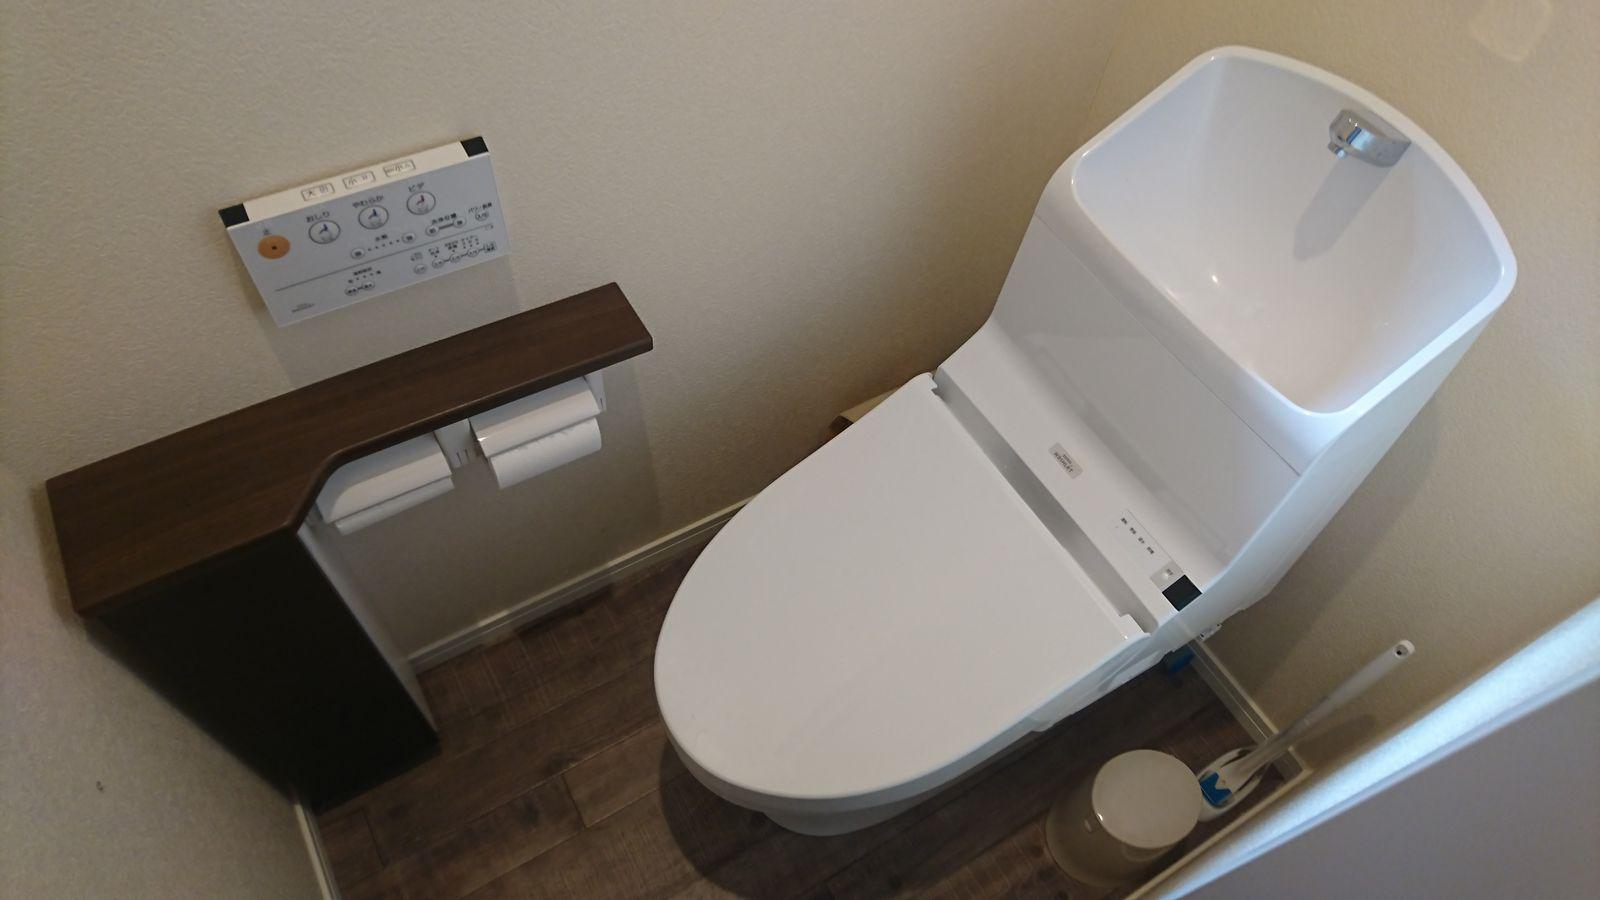 「タンク式トイレ 狭い」の画像検索結果